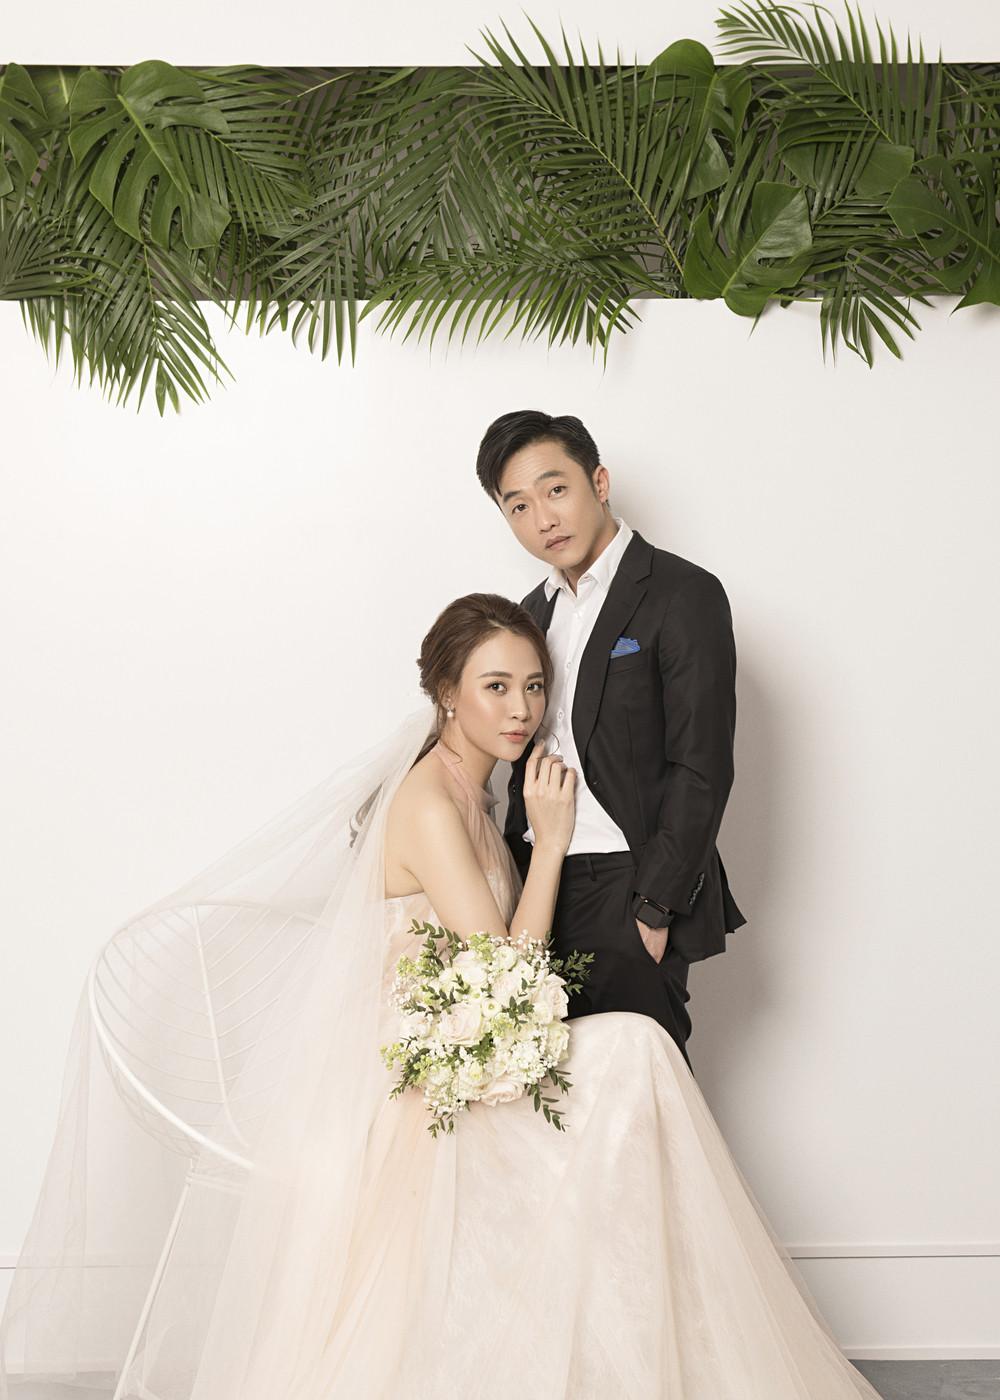 Loạt sao Việt ngưỡng mộ hành động văn minh của Hà Hồ khi cho Subeo về dự đám cưới của ba Cường Đô La